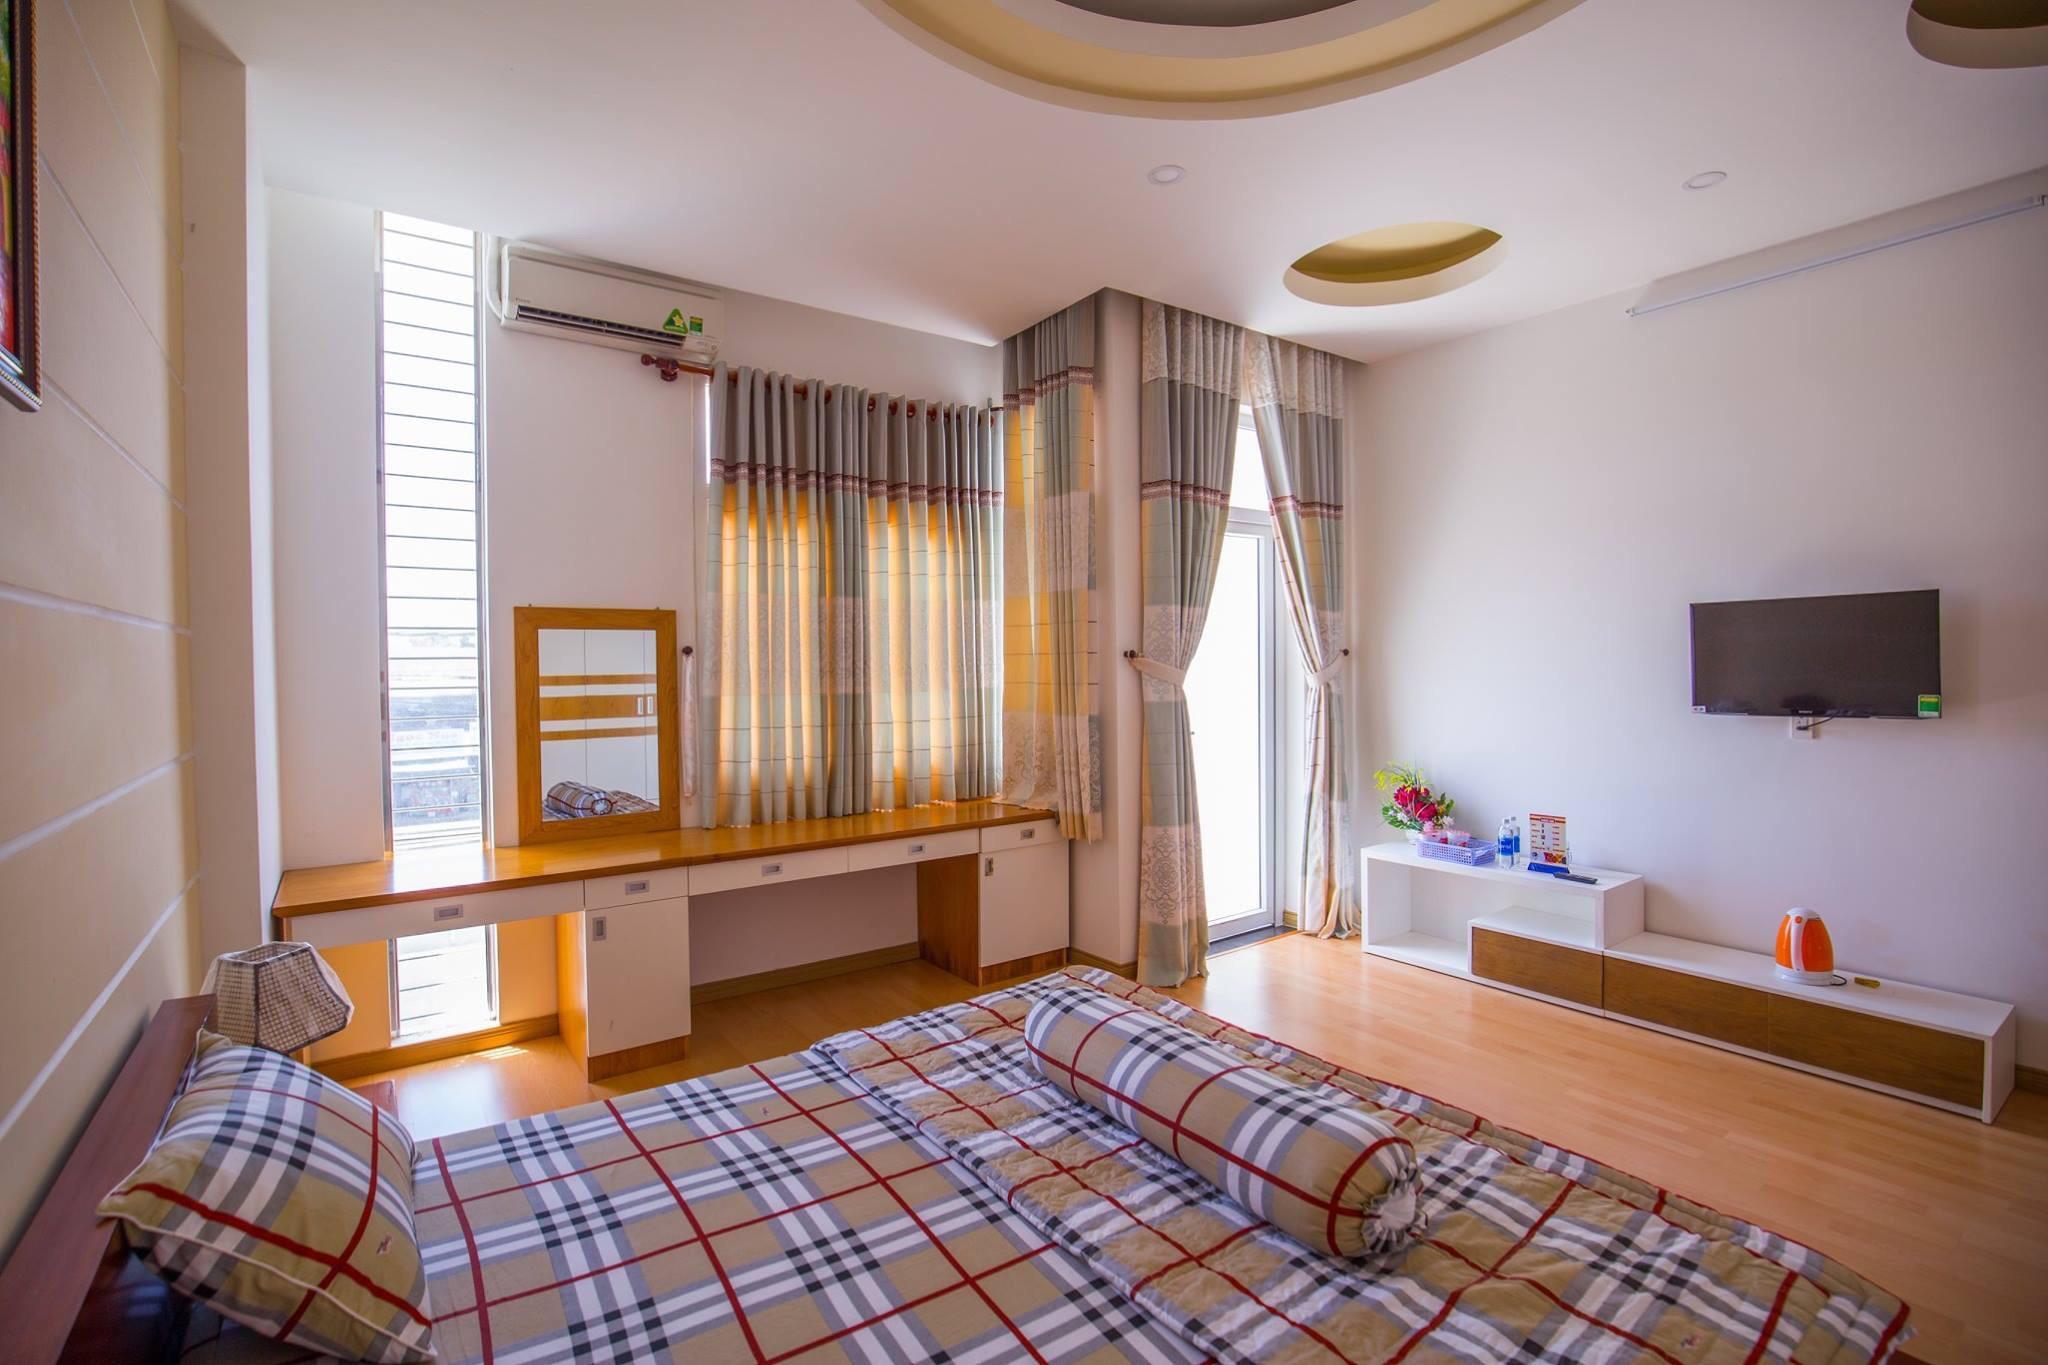 HOTEL DUC THANH, Côn Đảo